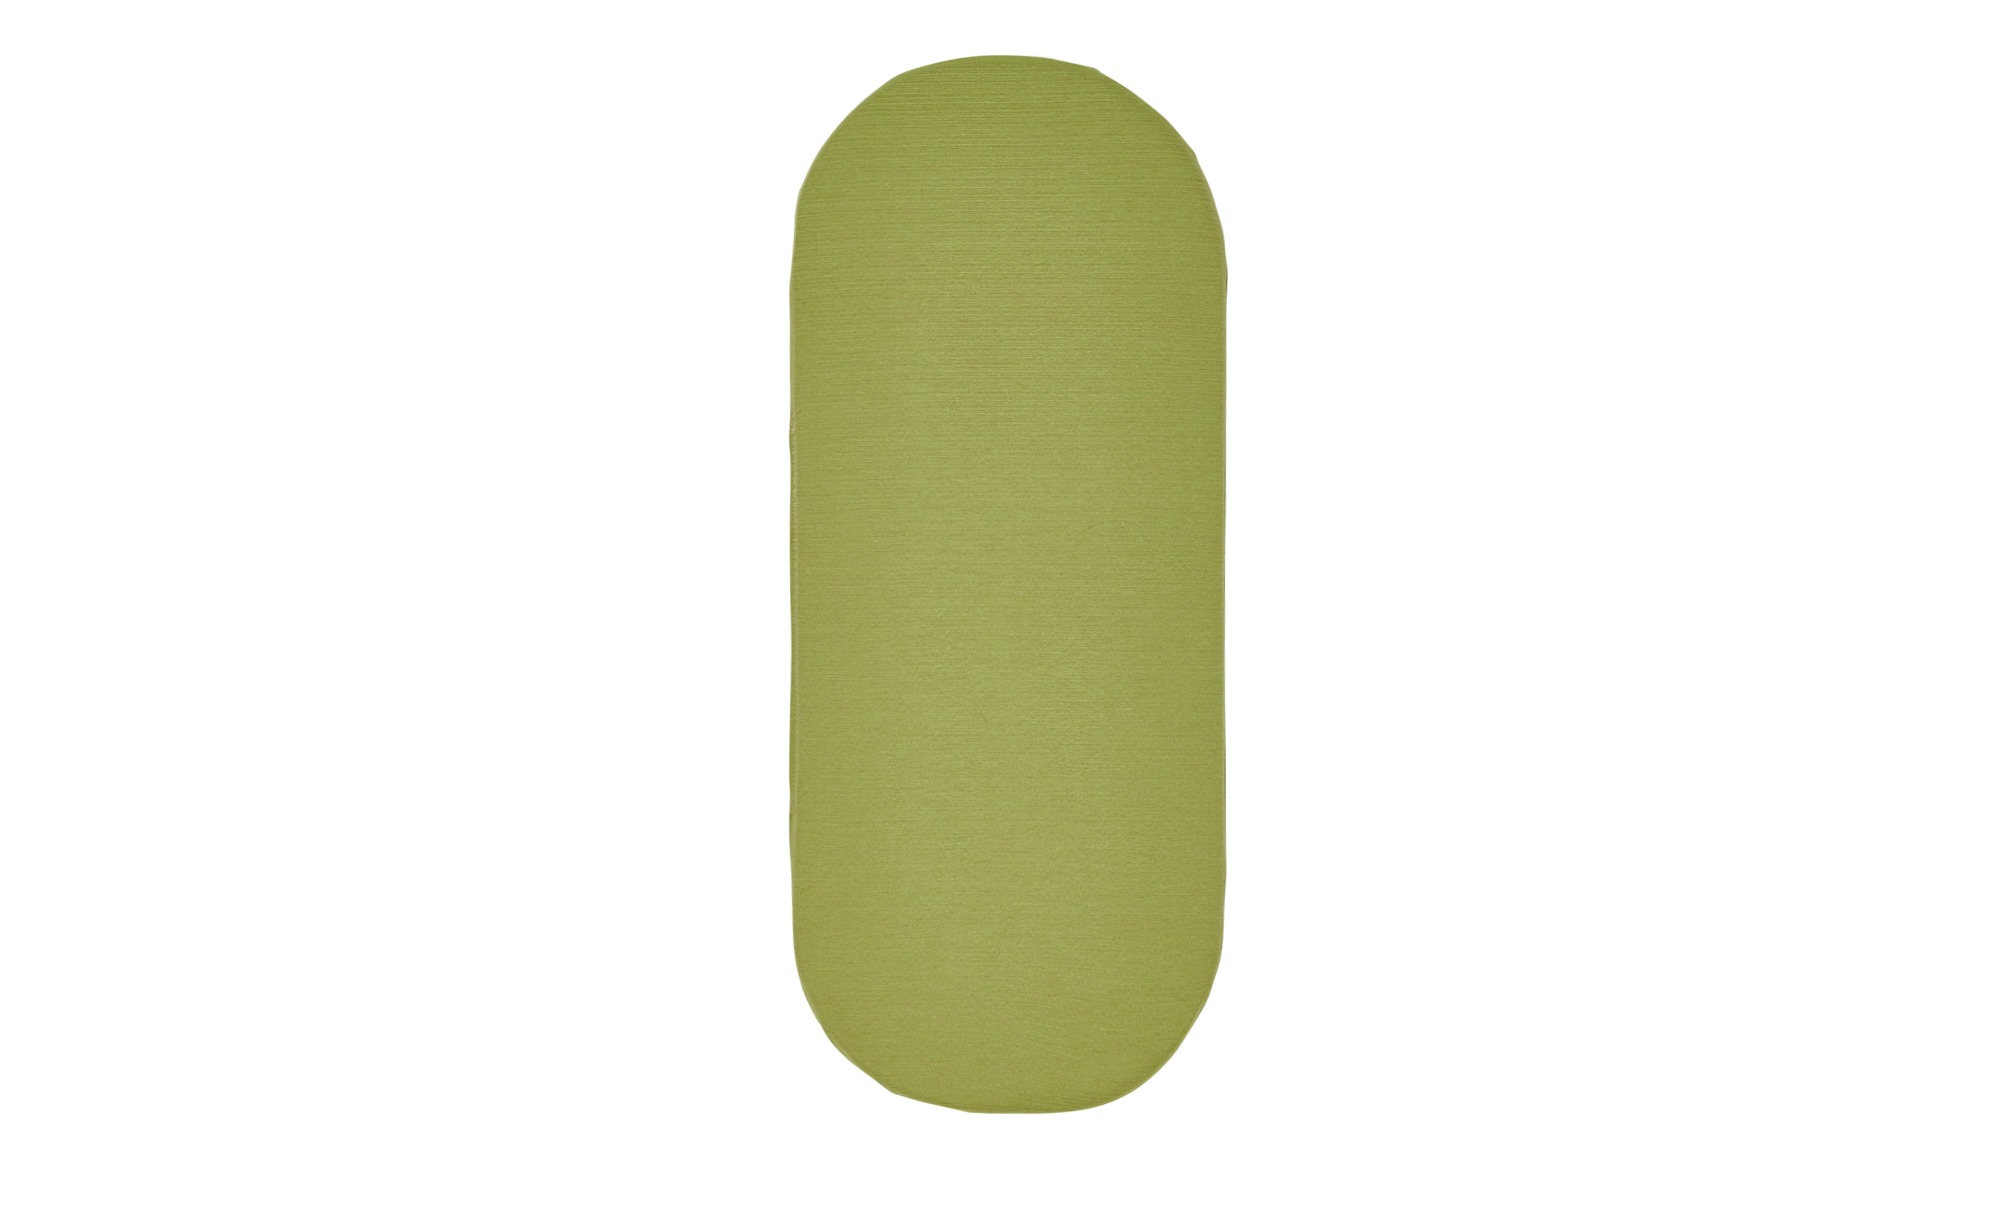 Bankkissen  Wien ¦ grün ¦ 60% Baumwolle , 40% Polyester ¦ Maße (cm): B: 39 Garten > Auflagen & Kissen > Sonstige Sitzkissen - Höffner